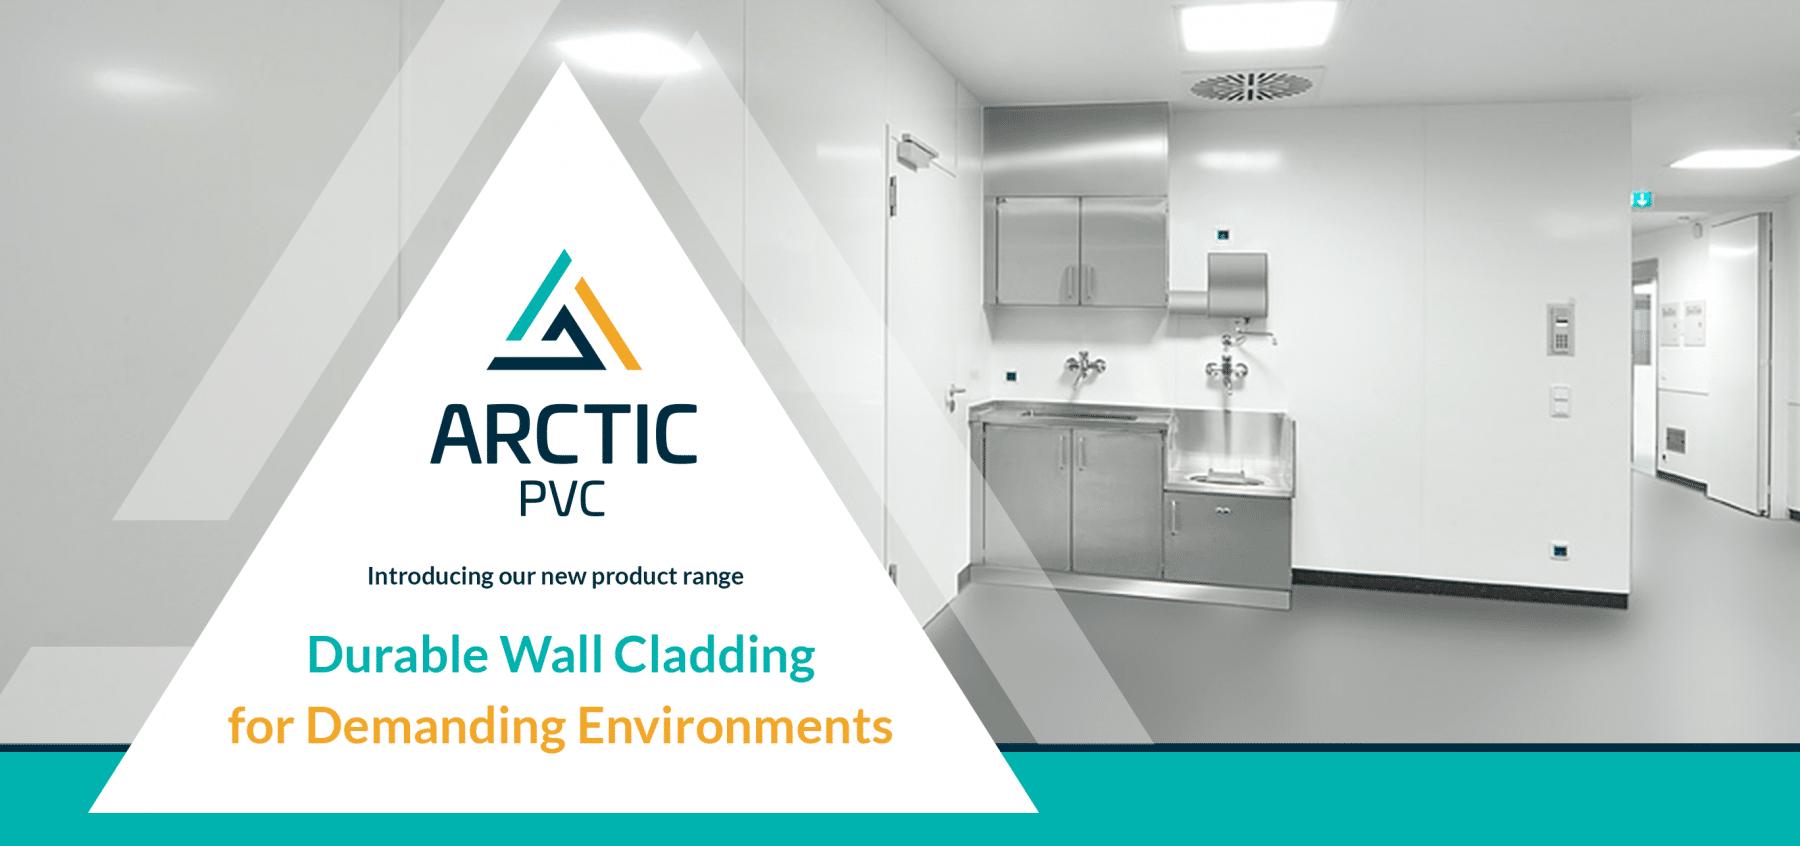 Arctic-PVC